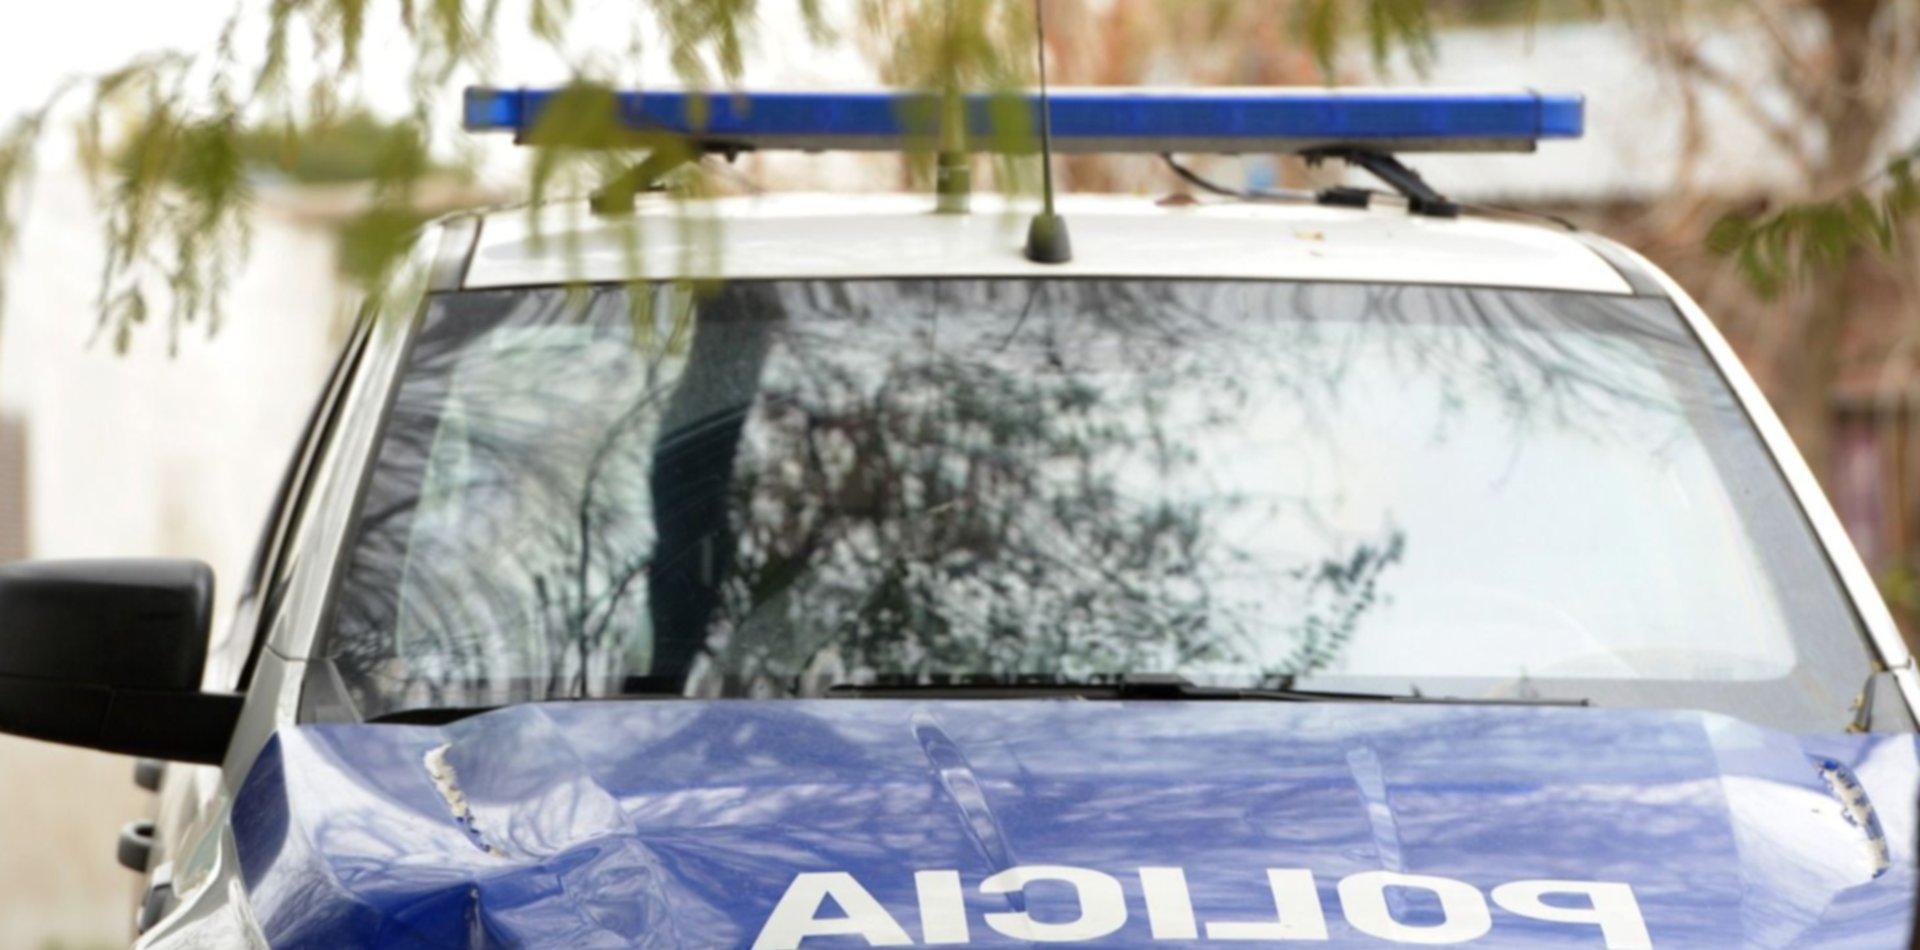 Detuvieron a un hombre por golpear e intentar prender fuego la casa con su mujer e hijos